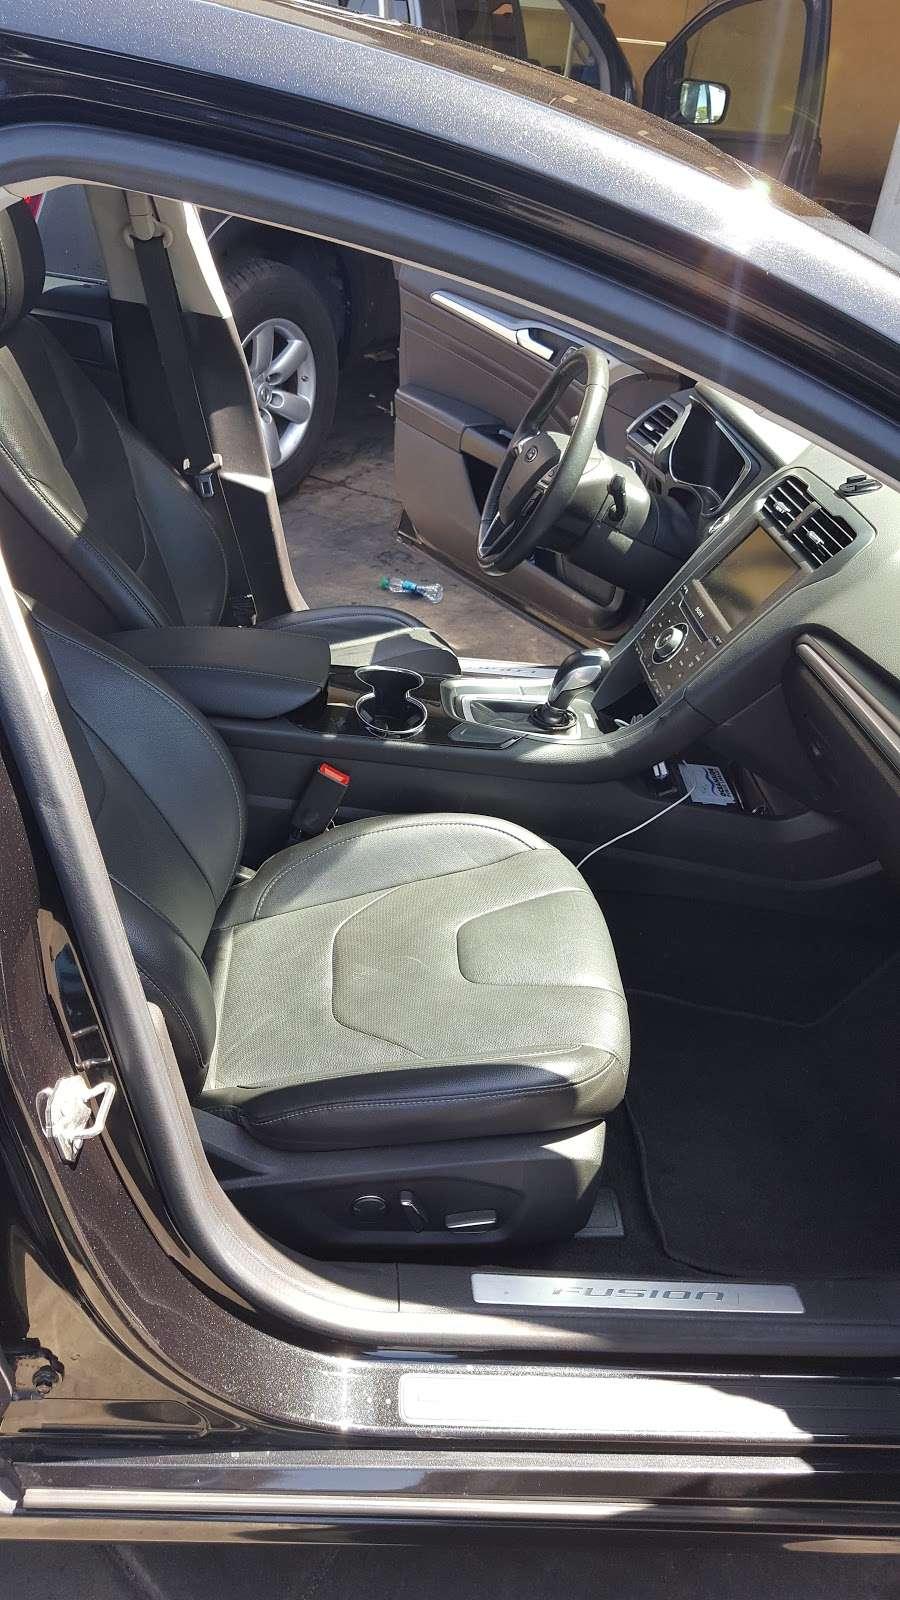 Fast N Clean Car Wash - car wash  | Photo 10 of 10 | Address: 6150, 1661, W Vista Way, Vista, CA 92083, USA | Phone: (760) 842-7543